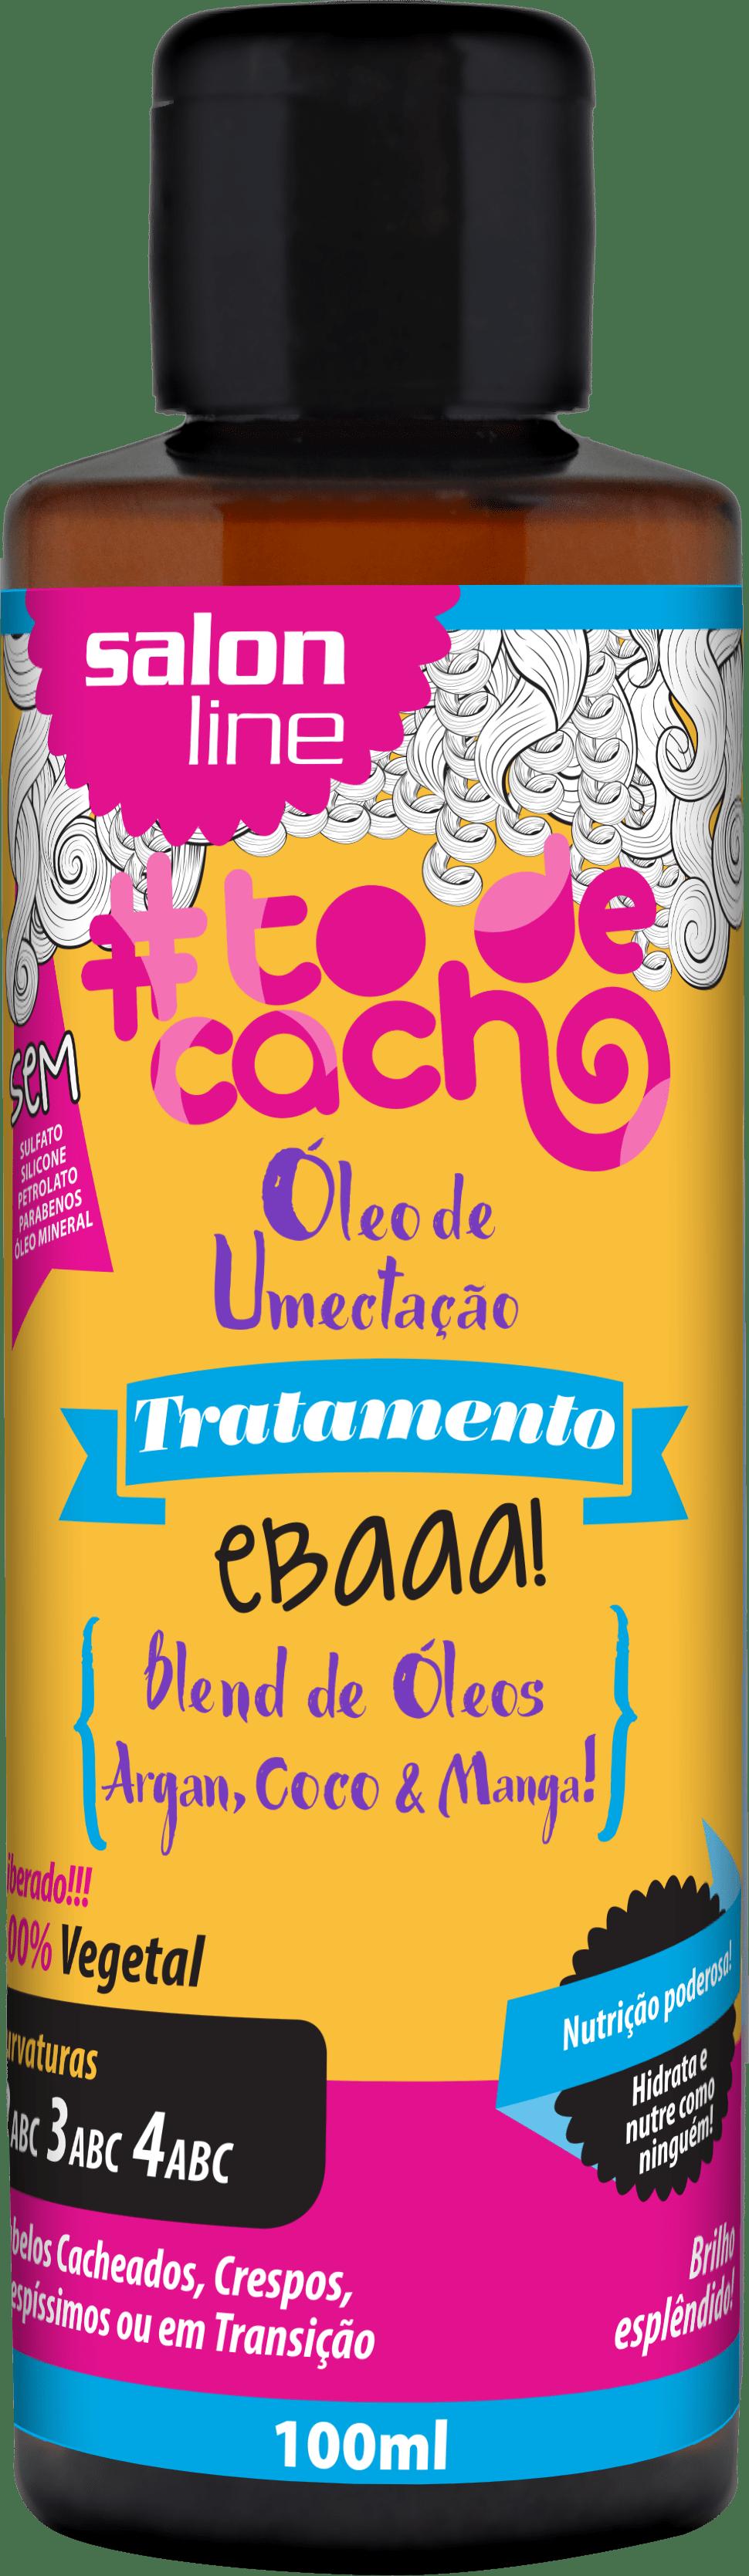 95091 OLEO DE UMECTACAO ARGAN COCO MANGA TODECACHO - Como preparar os cachos antes da descoloração